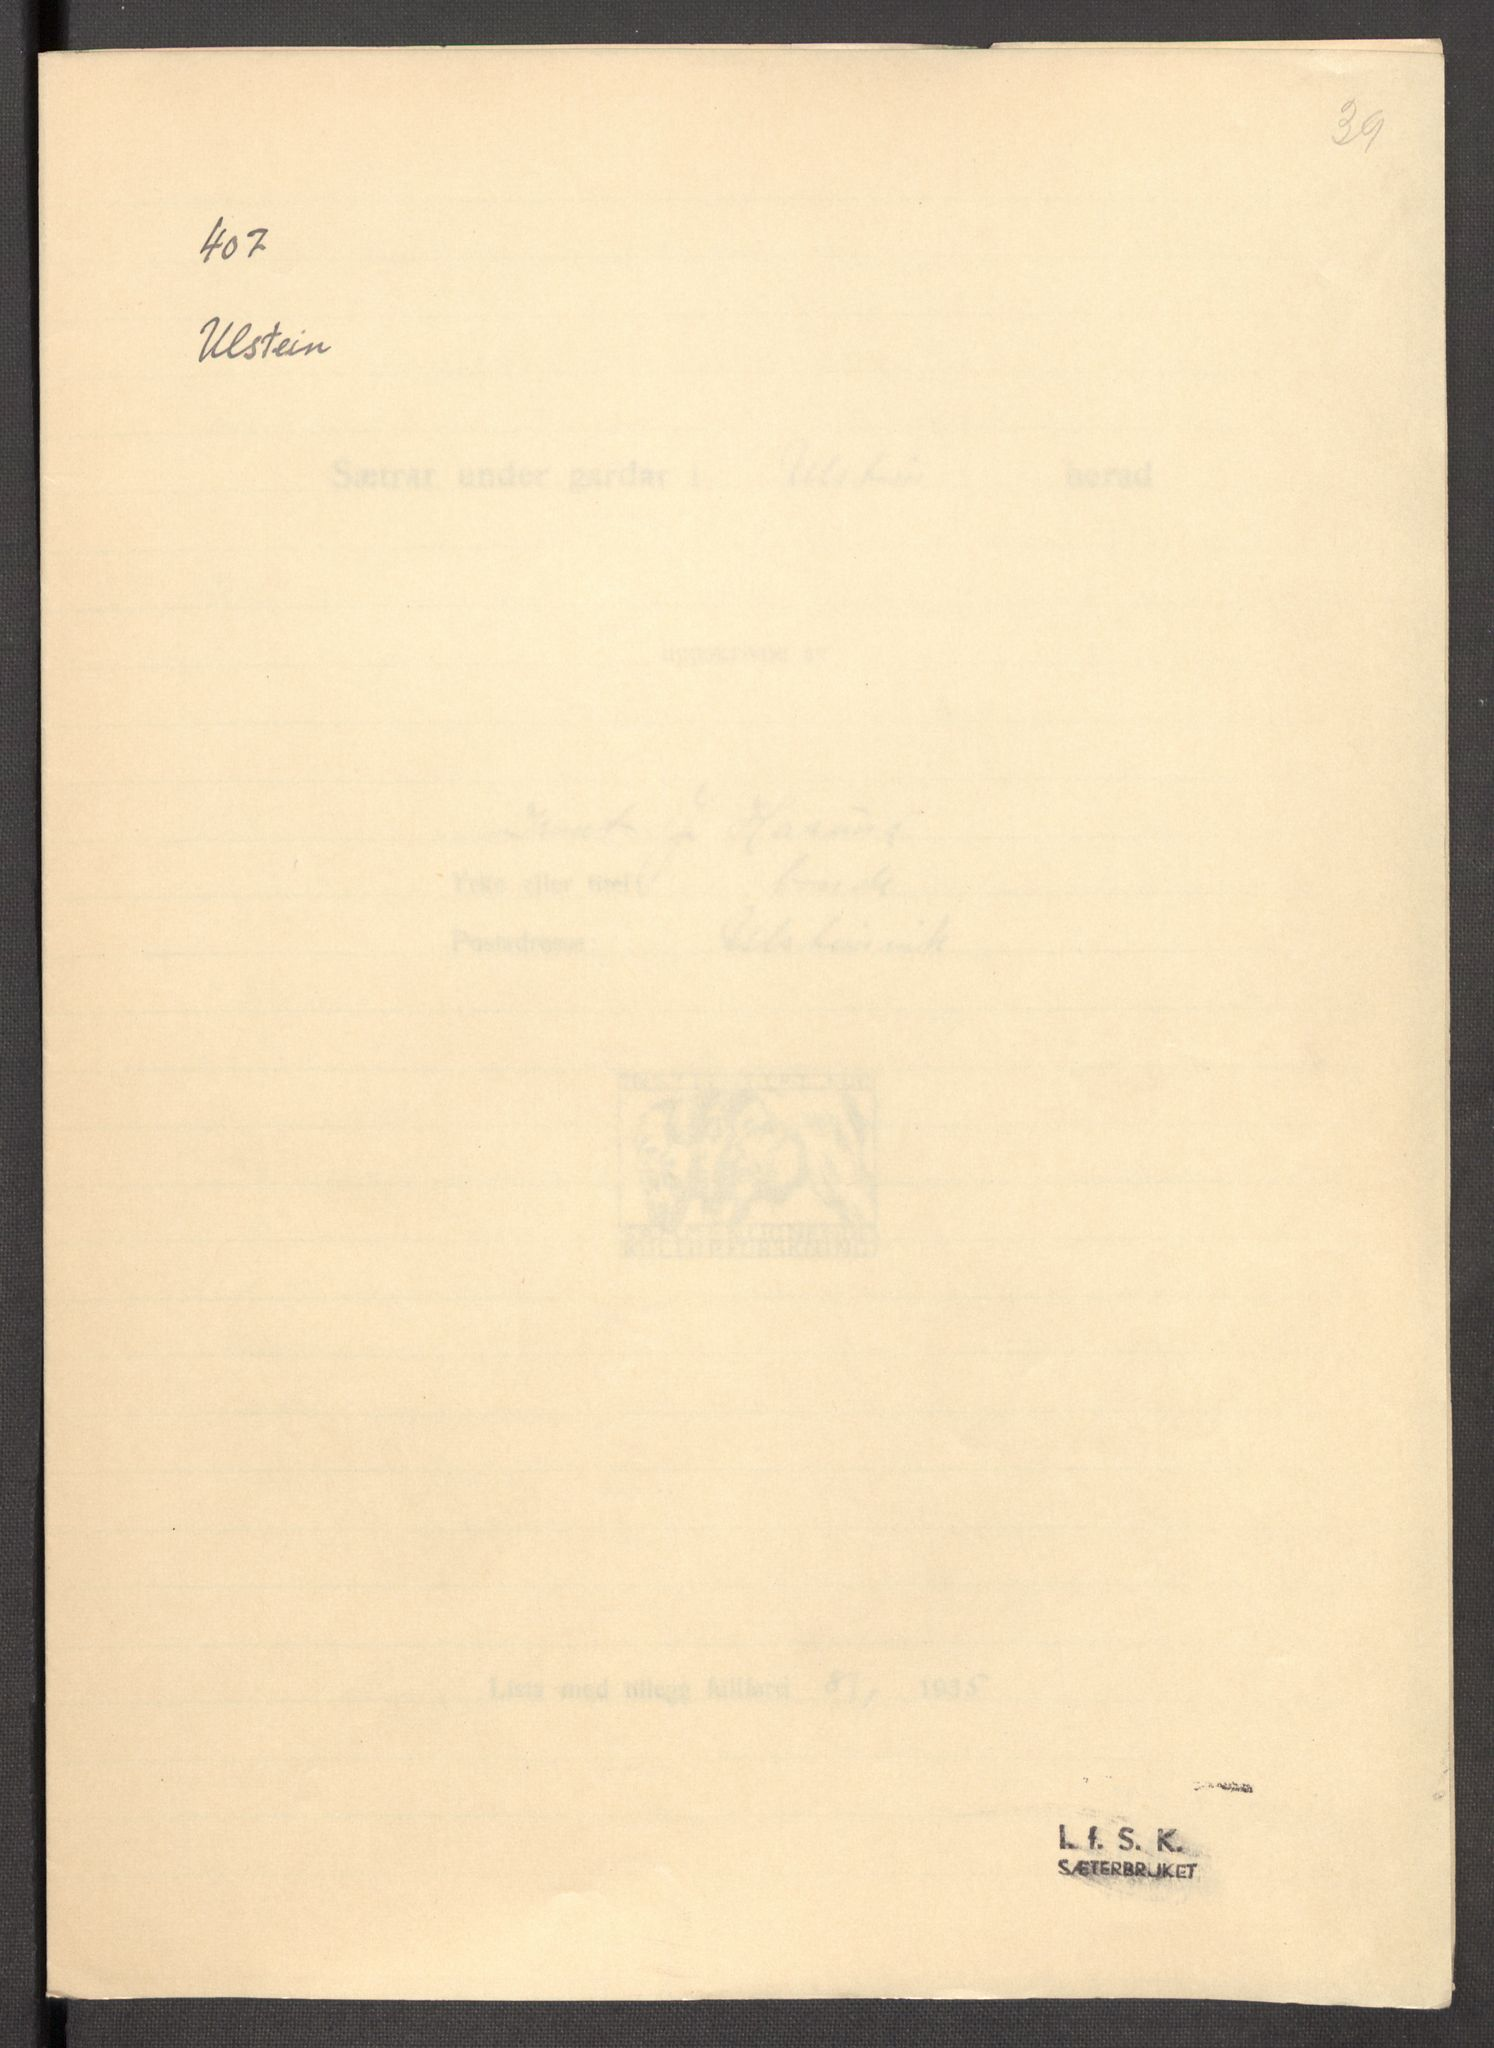 RA, Instituttet for sammenlignende kulturforskning, F/Fc/L0012: Eske B12:, 1934-1936, s. 39